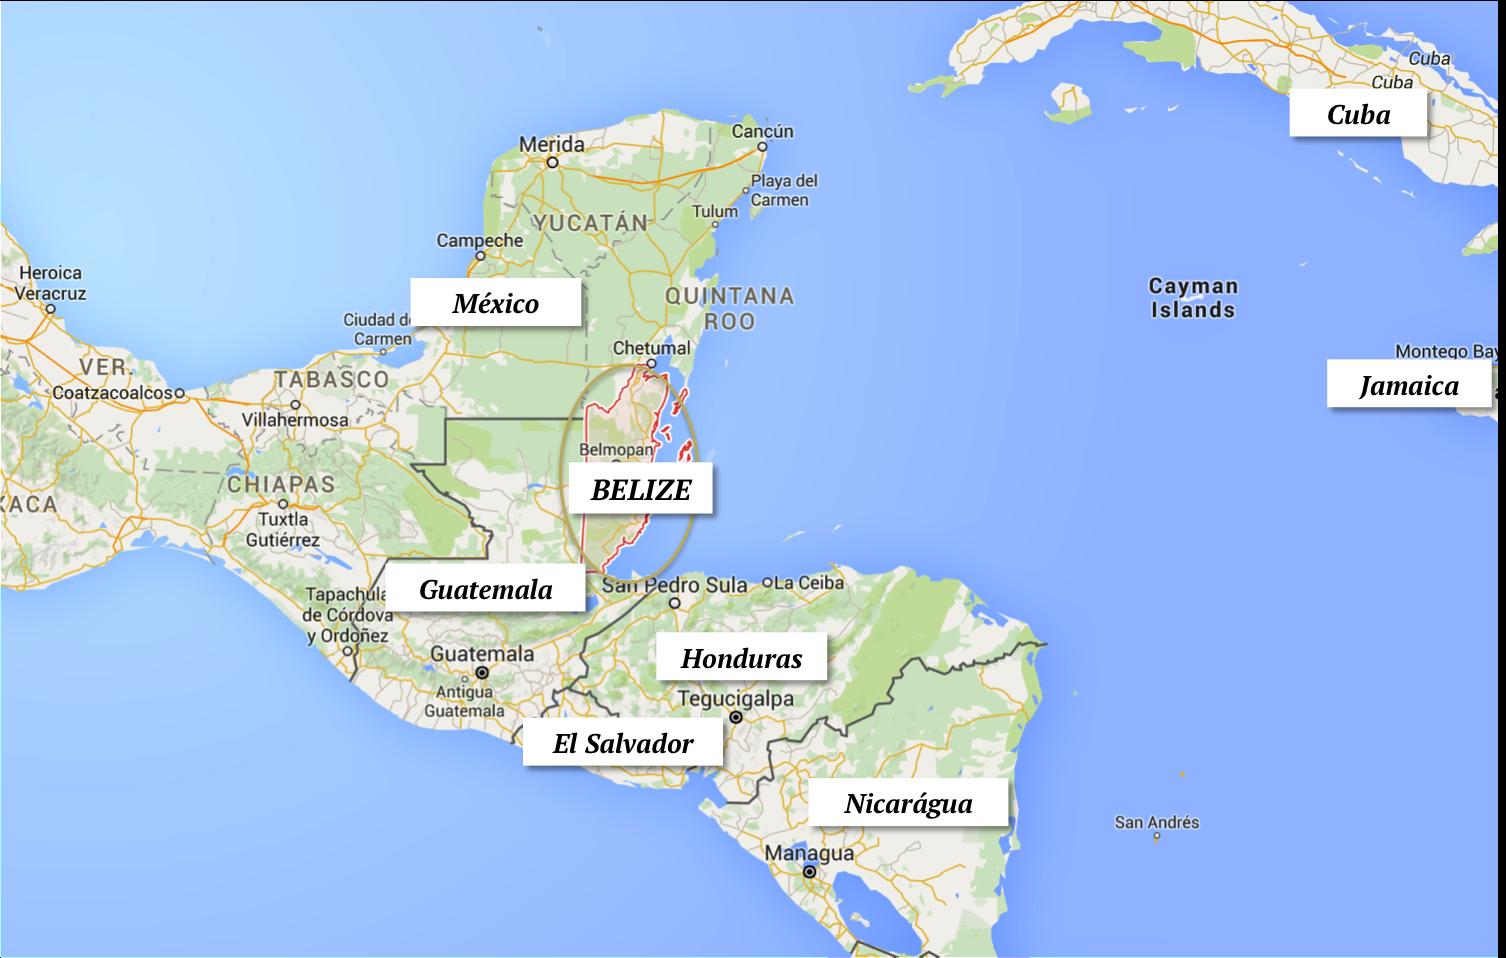 belize mapa america central onde fica localizacao viagem turismo dicas